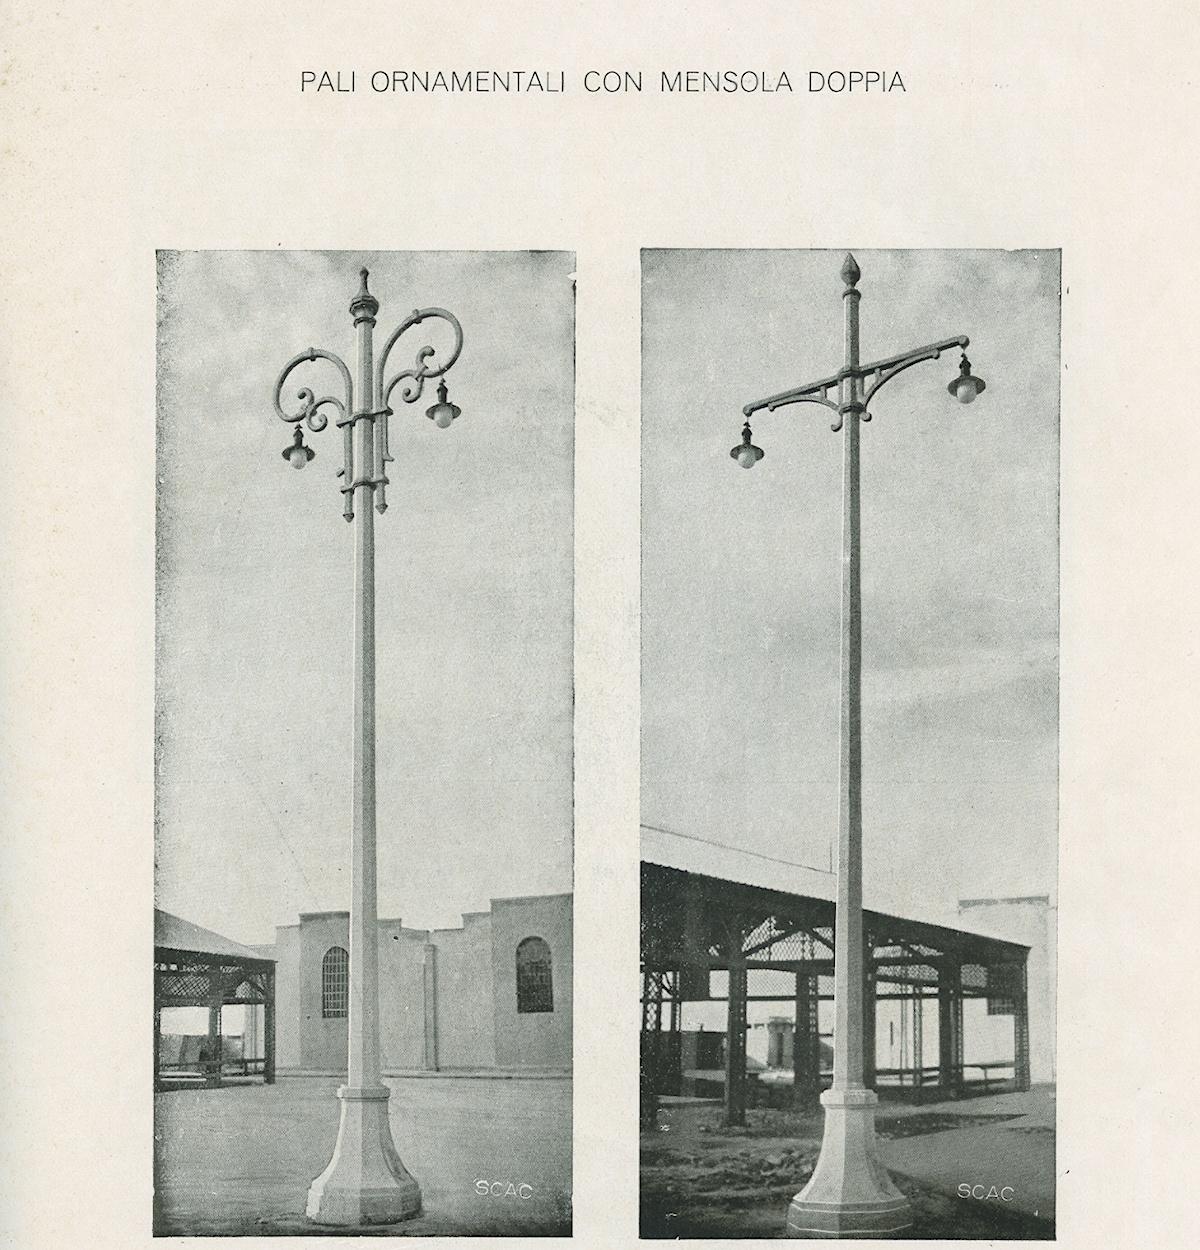 Catalogo SCAC, a destra il lampione di Fuorigrotta (Napoli)